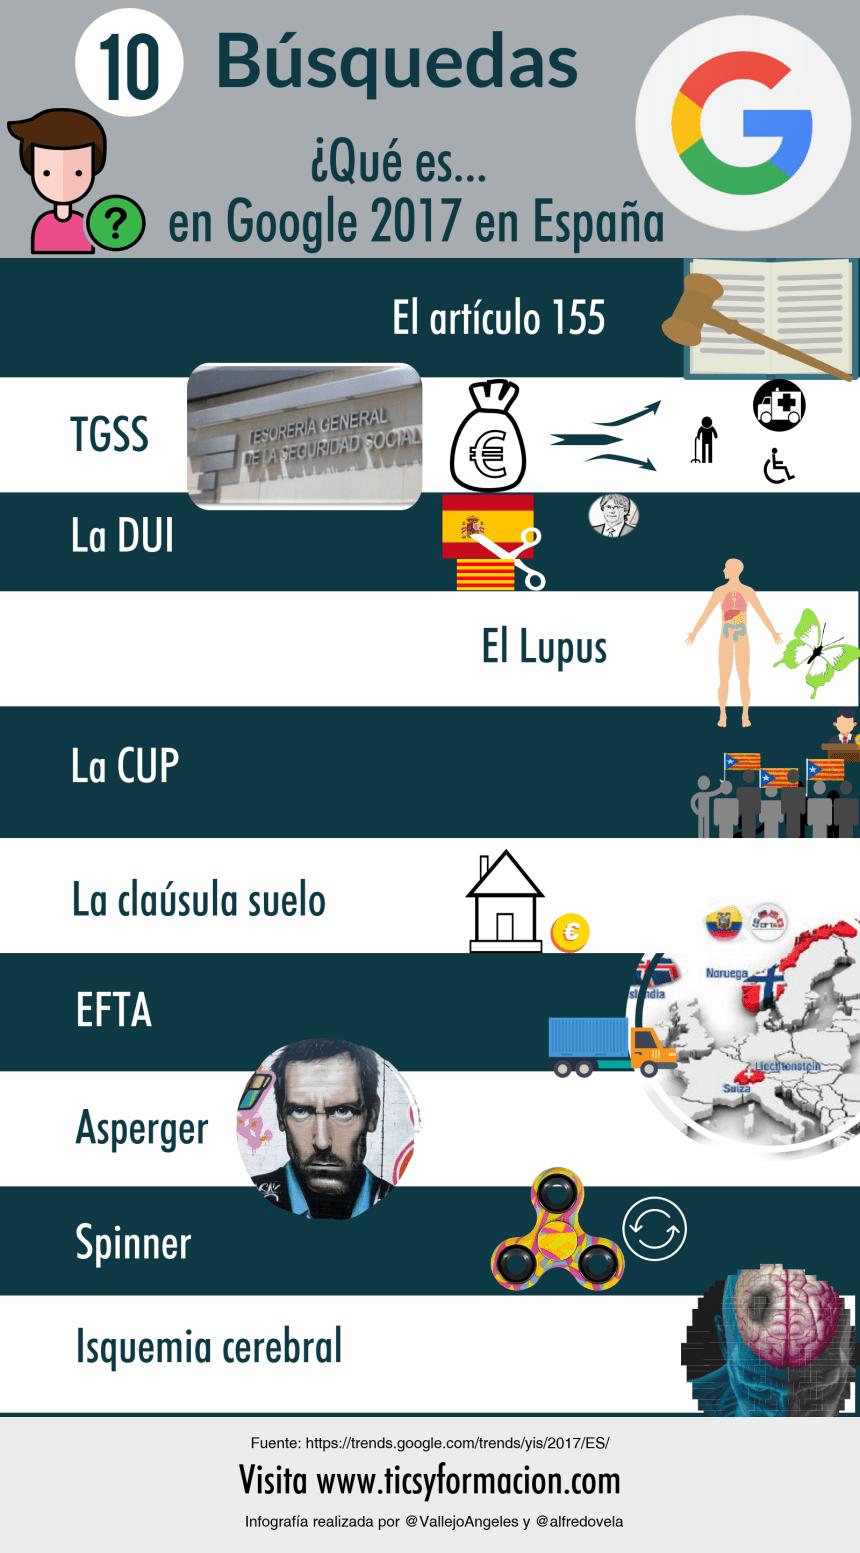 """Top 10 búsquedas """"Qué es ..."""" en Google en España 2017"""